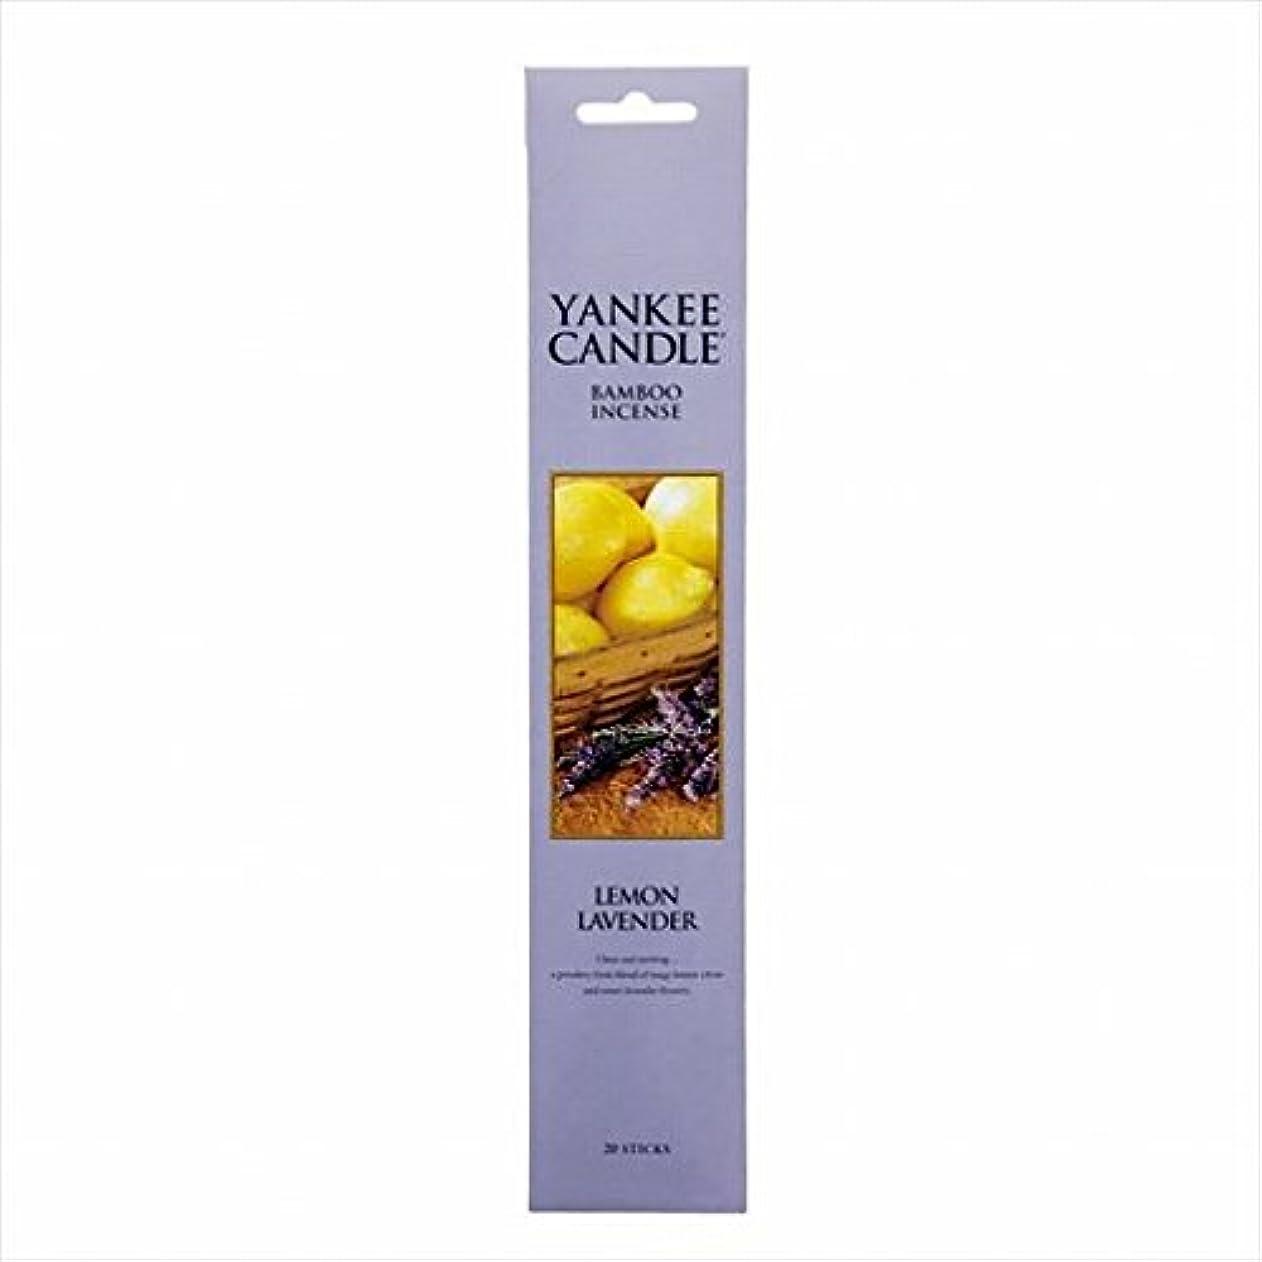 環境四面体に沿ってカメヤマキャンドル( kameyama candle ) YANKEE CANDLE バンブーインセンス 「 レモンラベンダー 」